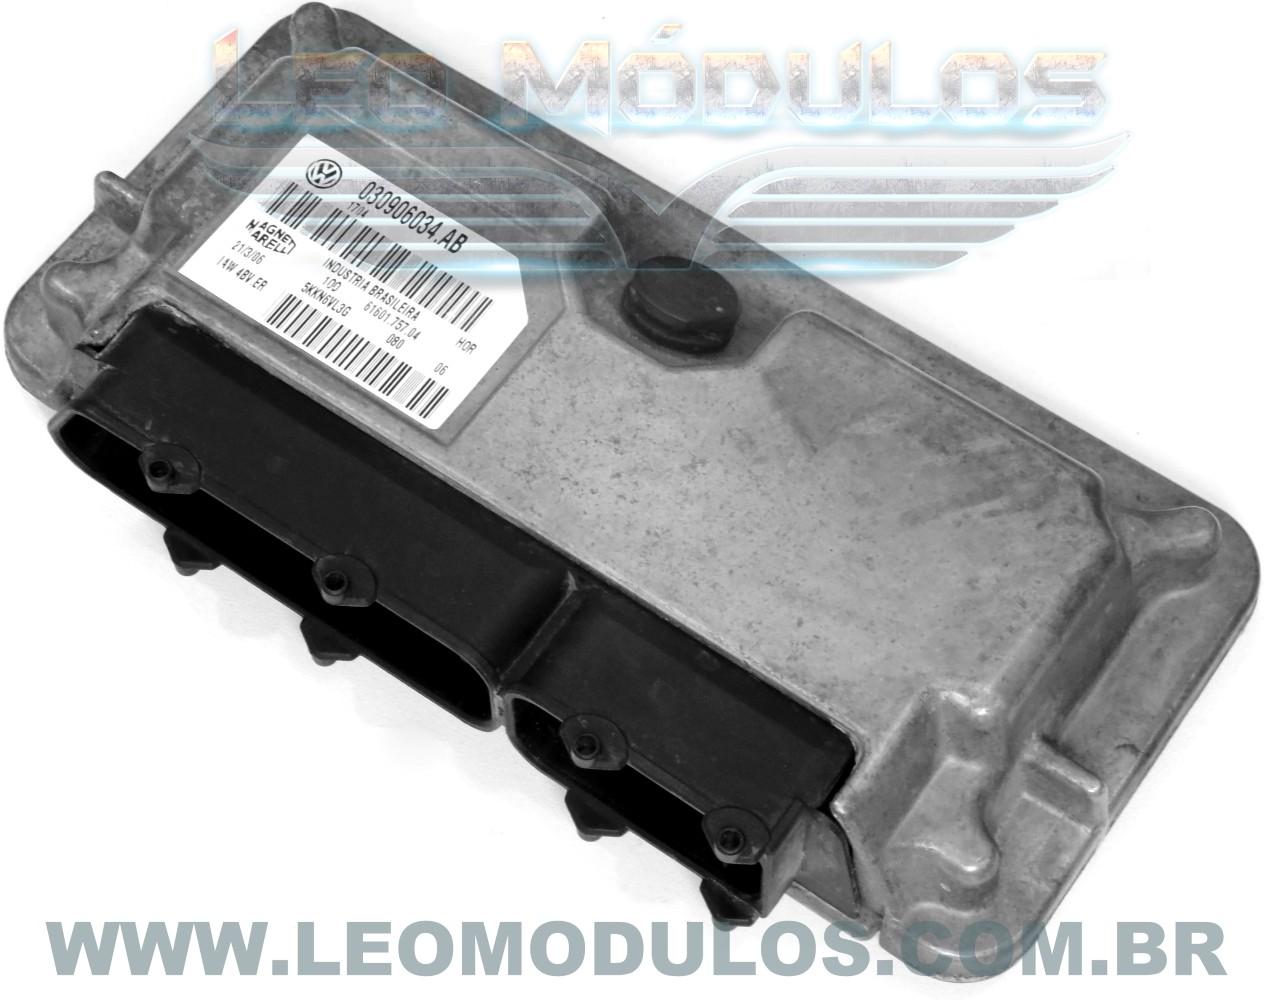 Módulo de injeção marelli - IAW 4BV.ER 030906034AB - Fox 1.0 8V Flex - 030906034.AB IAW 4BVER